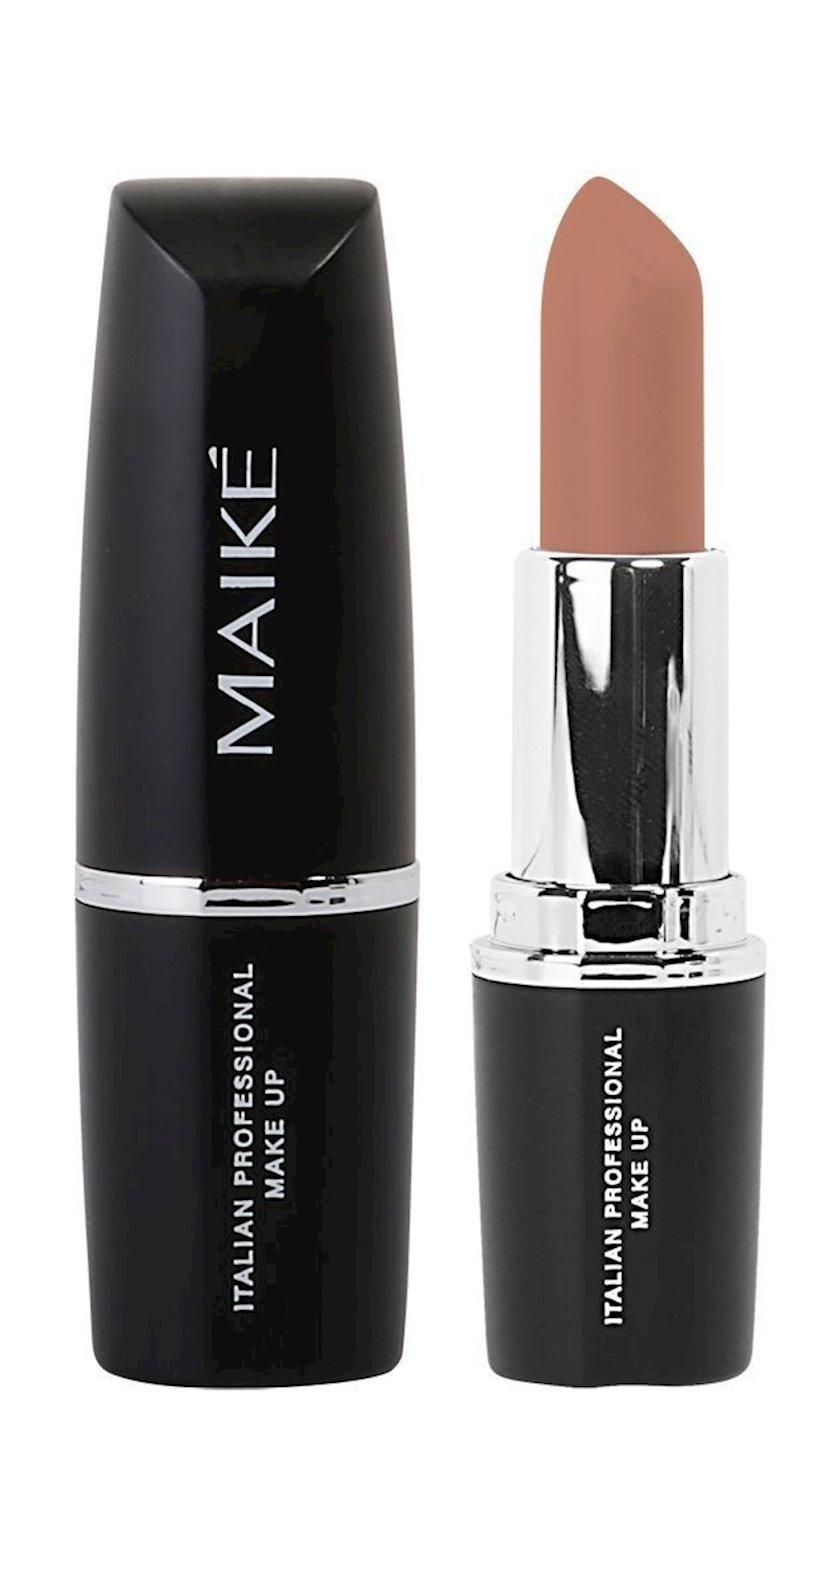 Konsiler-stik Maike' Ultra Concealer 04 Apricot